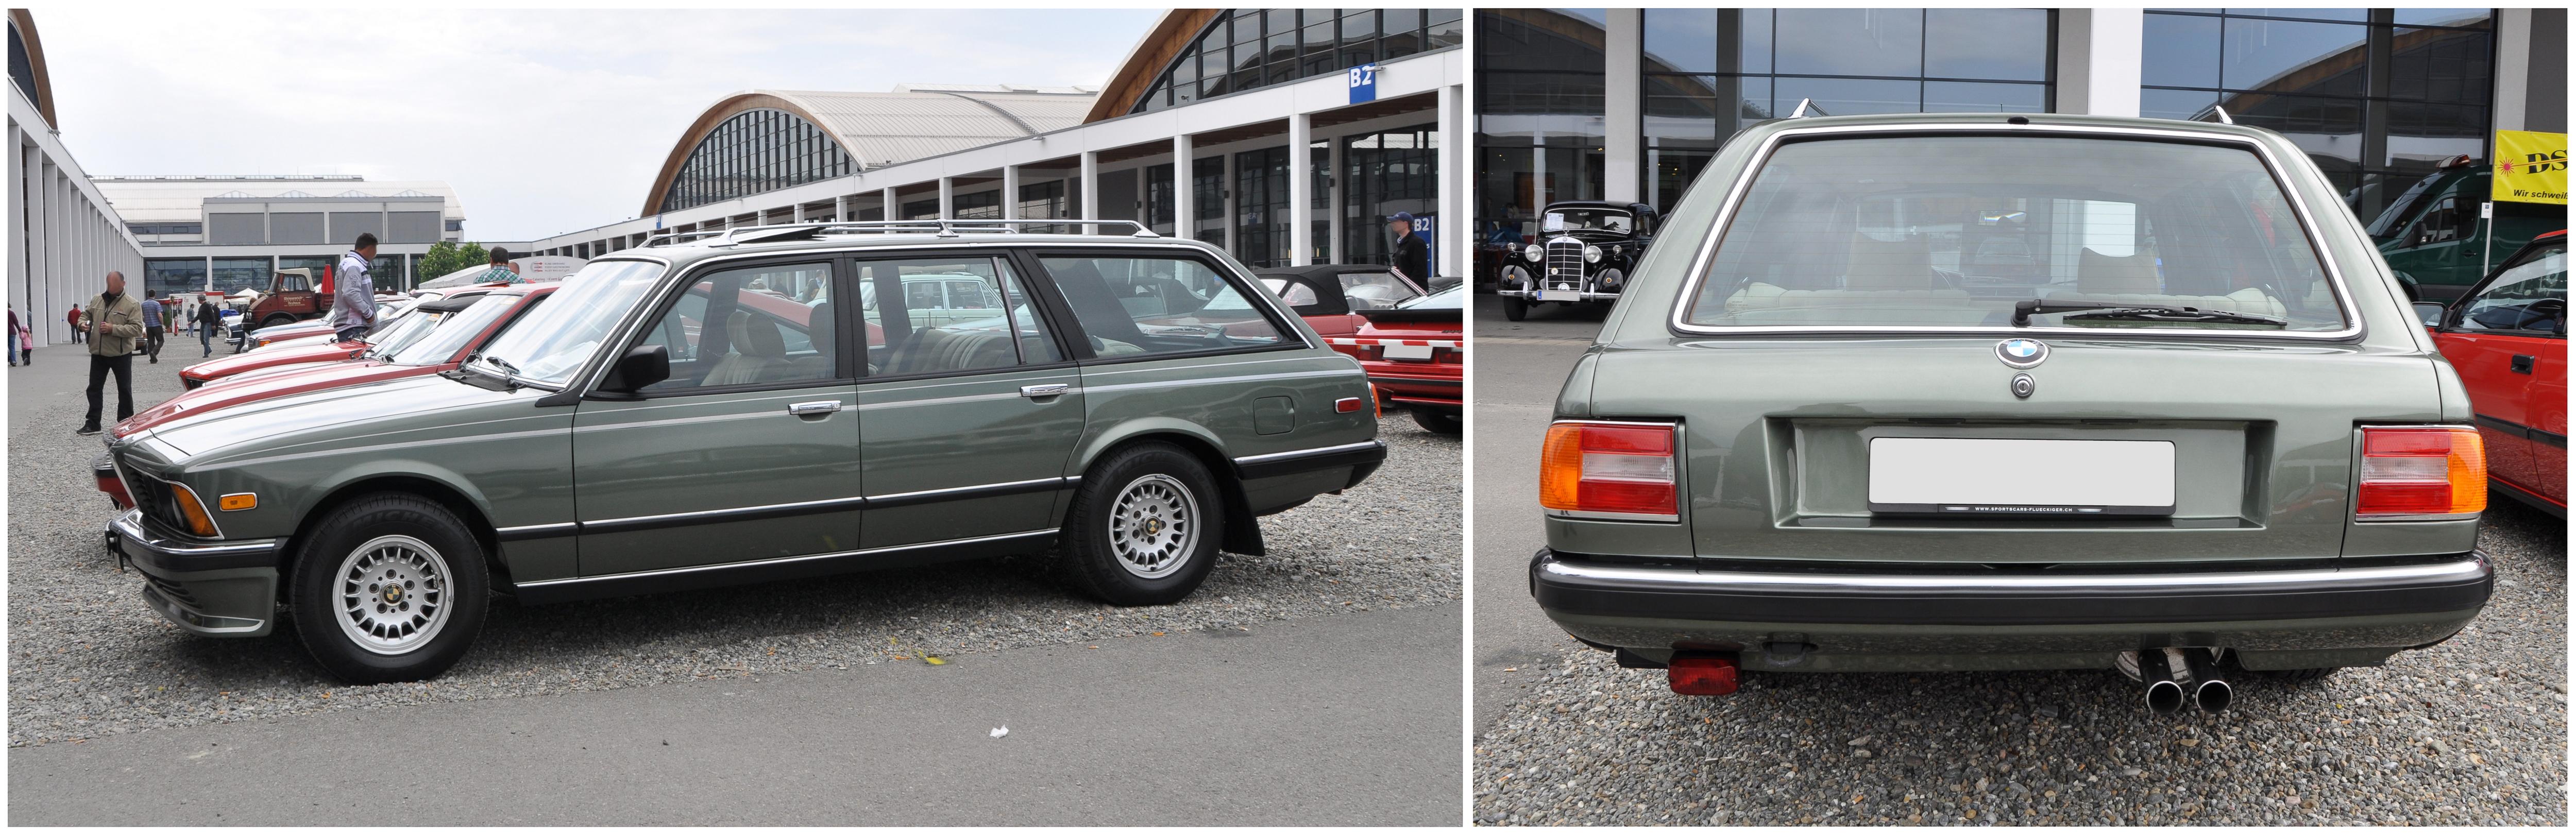 BMW_E23_735i_Touring.jpg